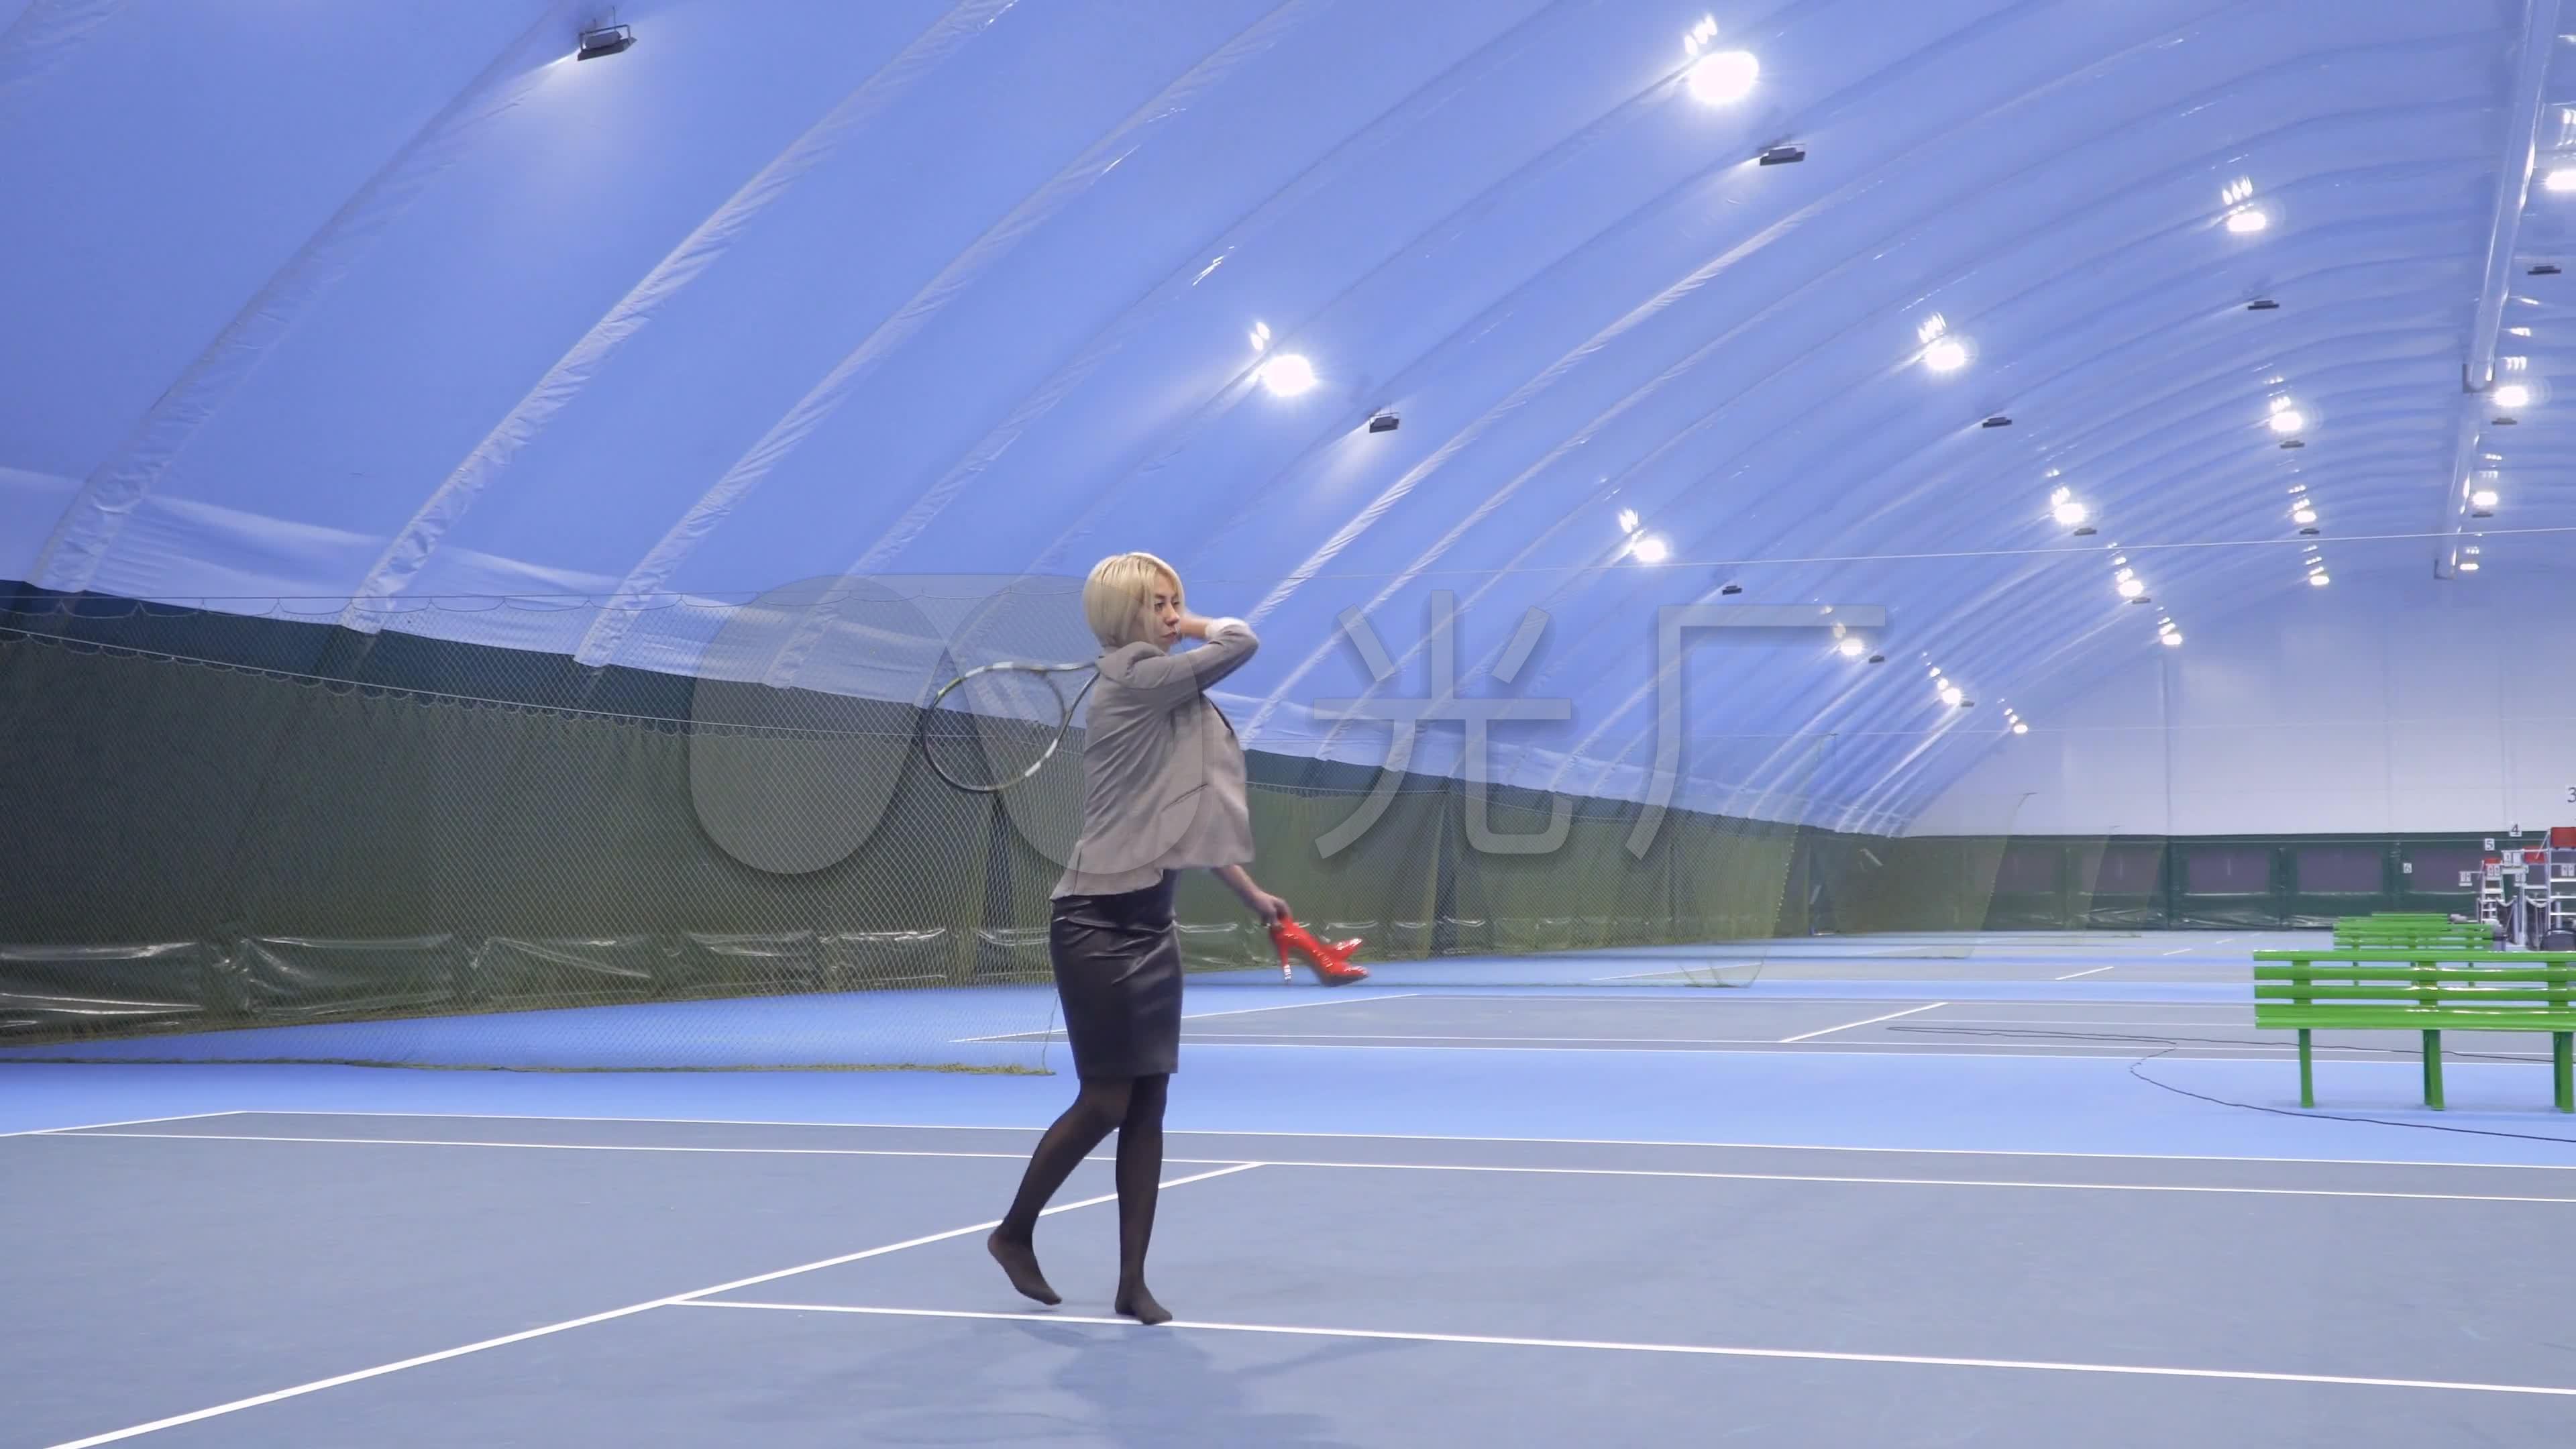 打网球运动装备v网球幼儿体育_3840X2160_高网球攀岩游戏图片